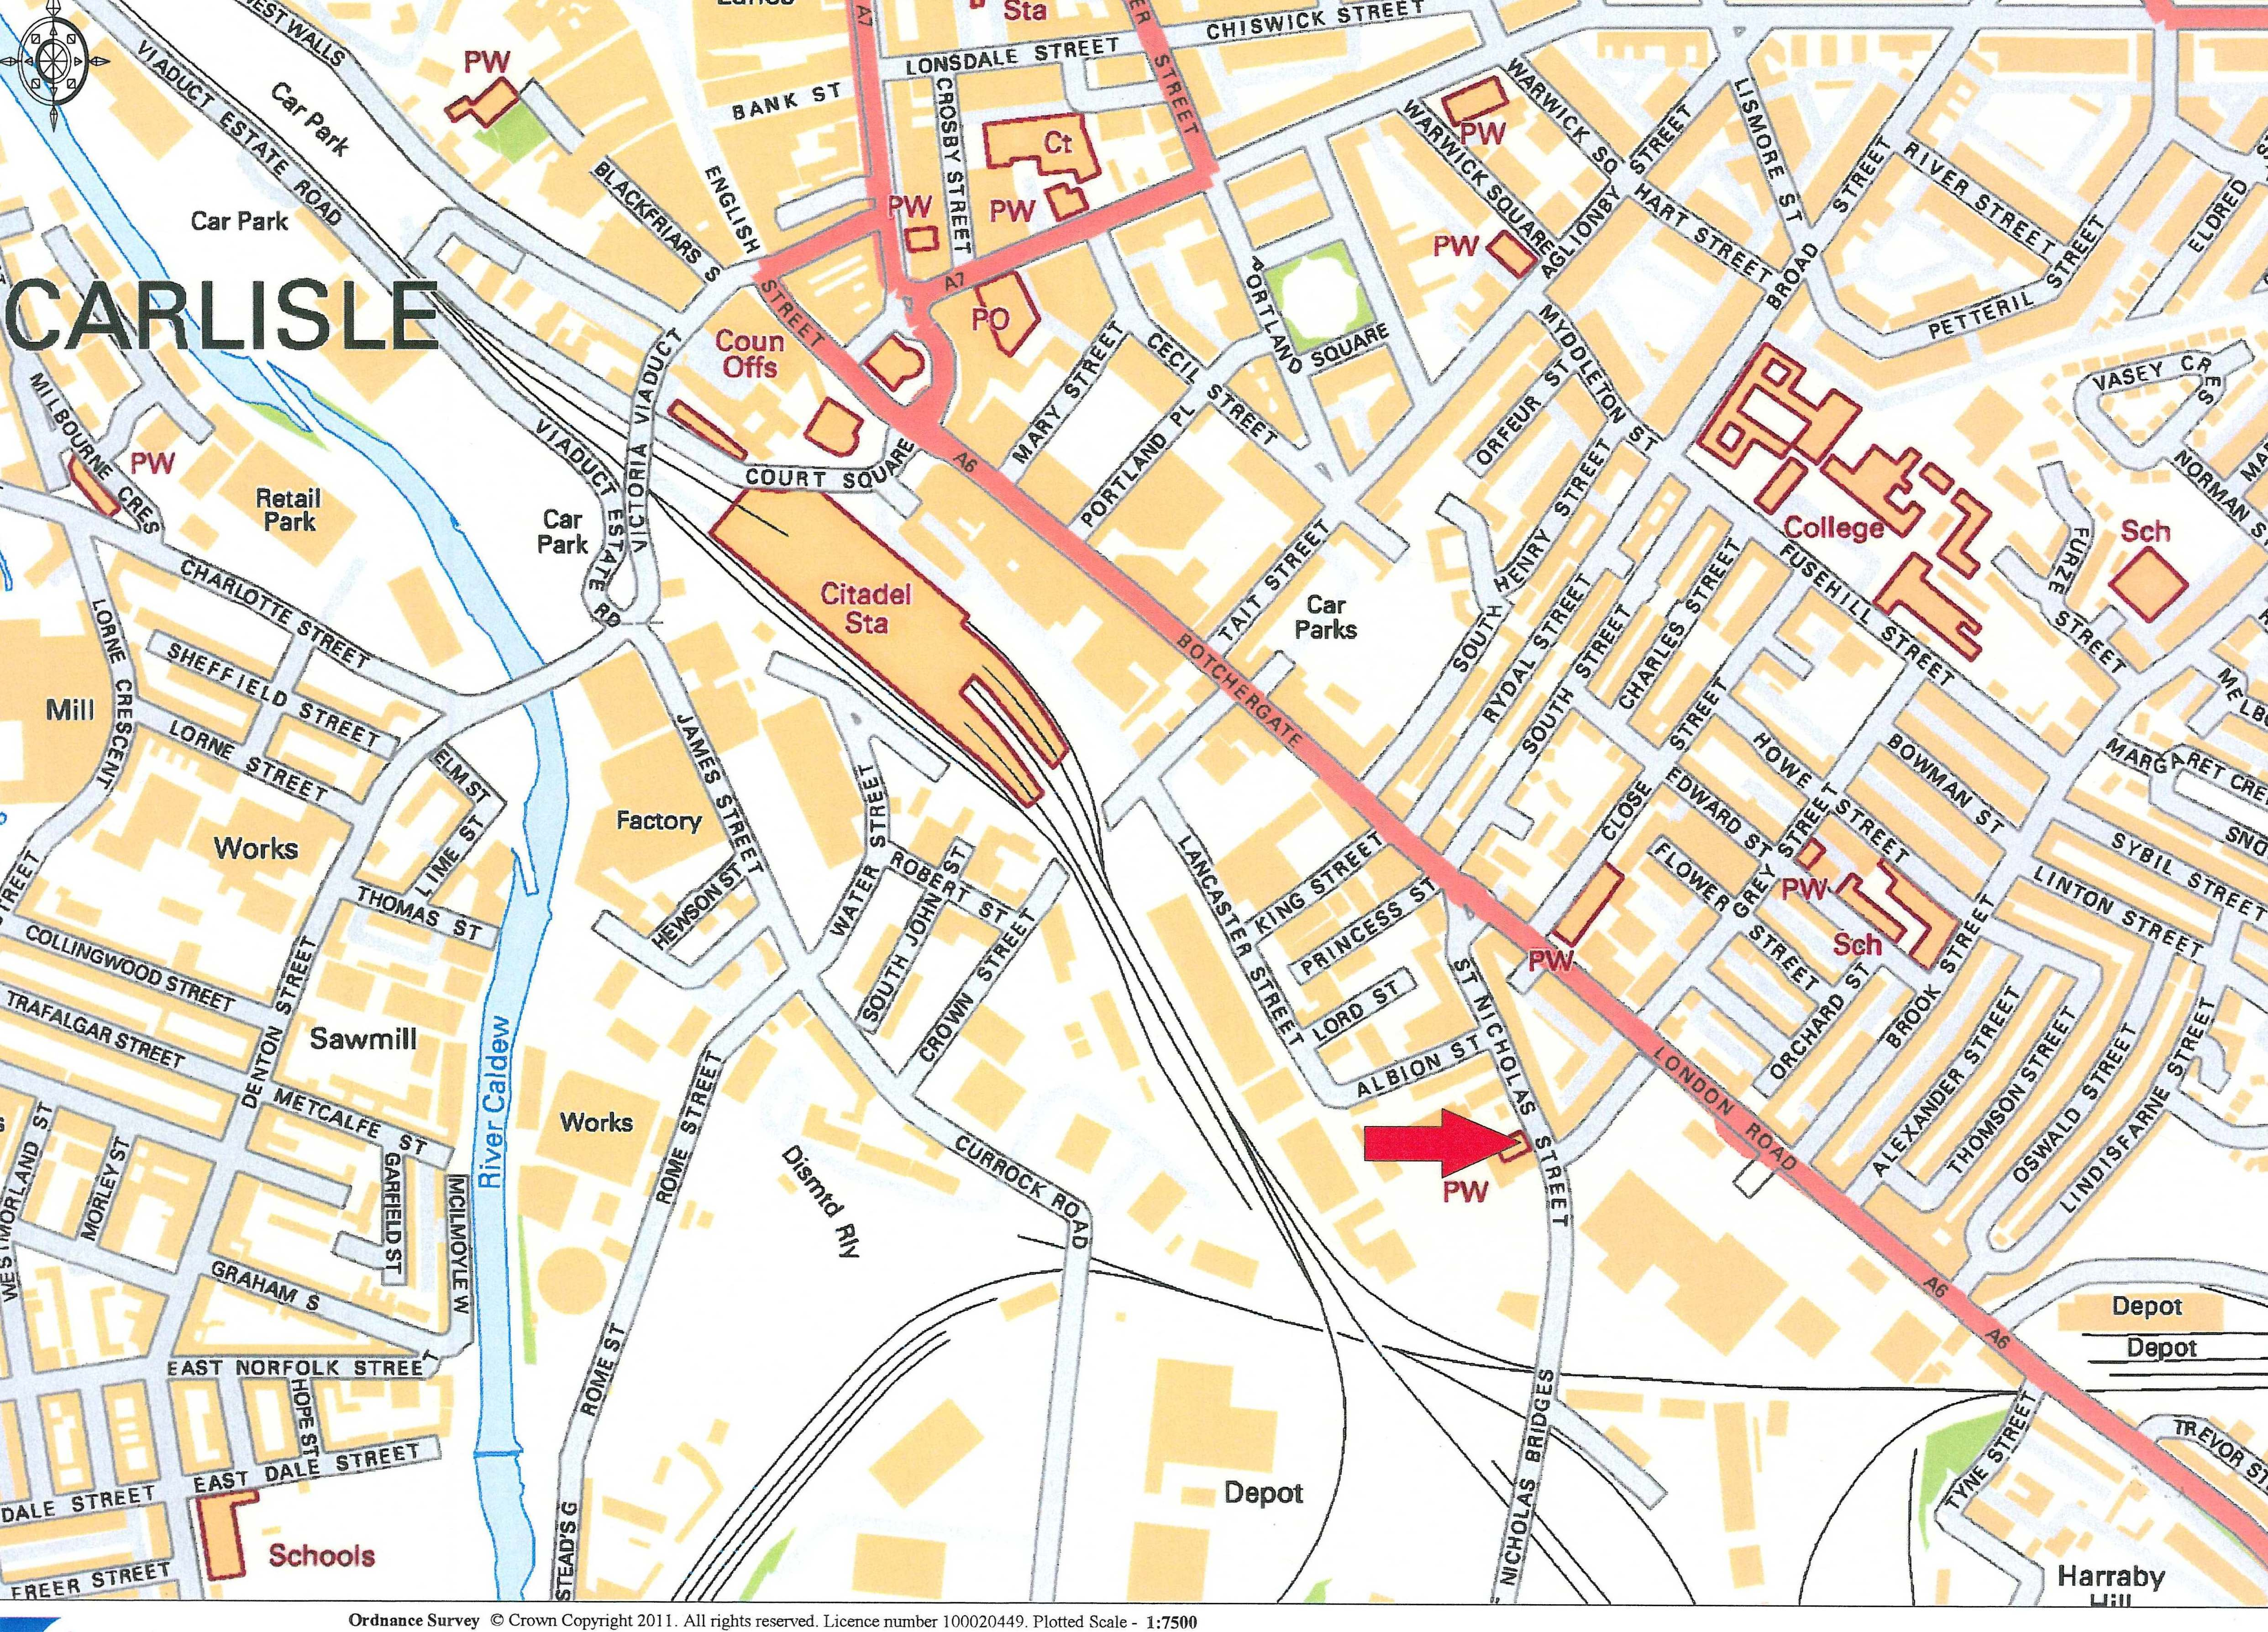 Salvation Army Premises St Nicholas Street Carlisle CA1 2EF